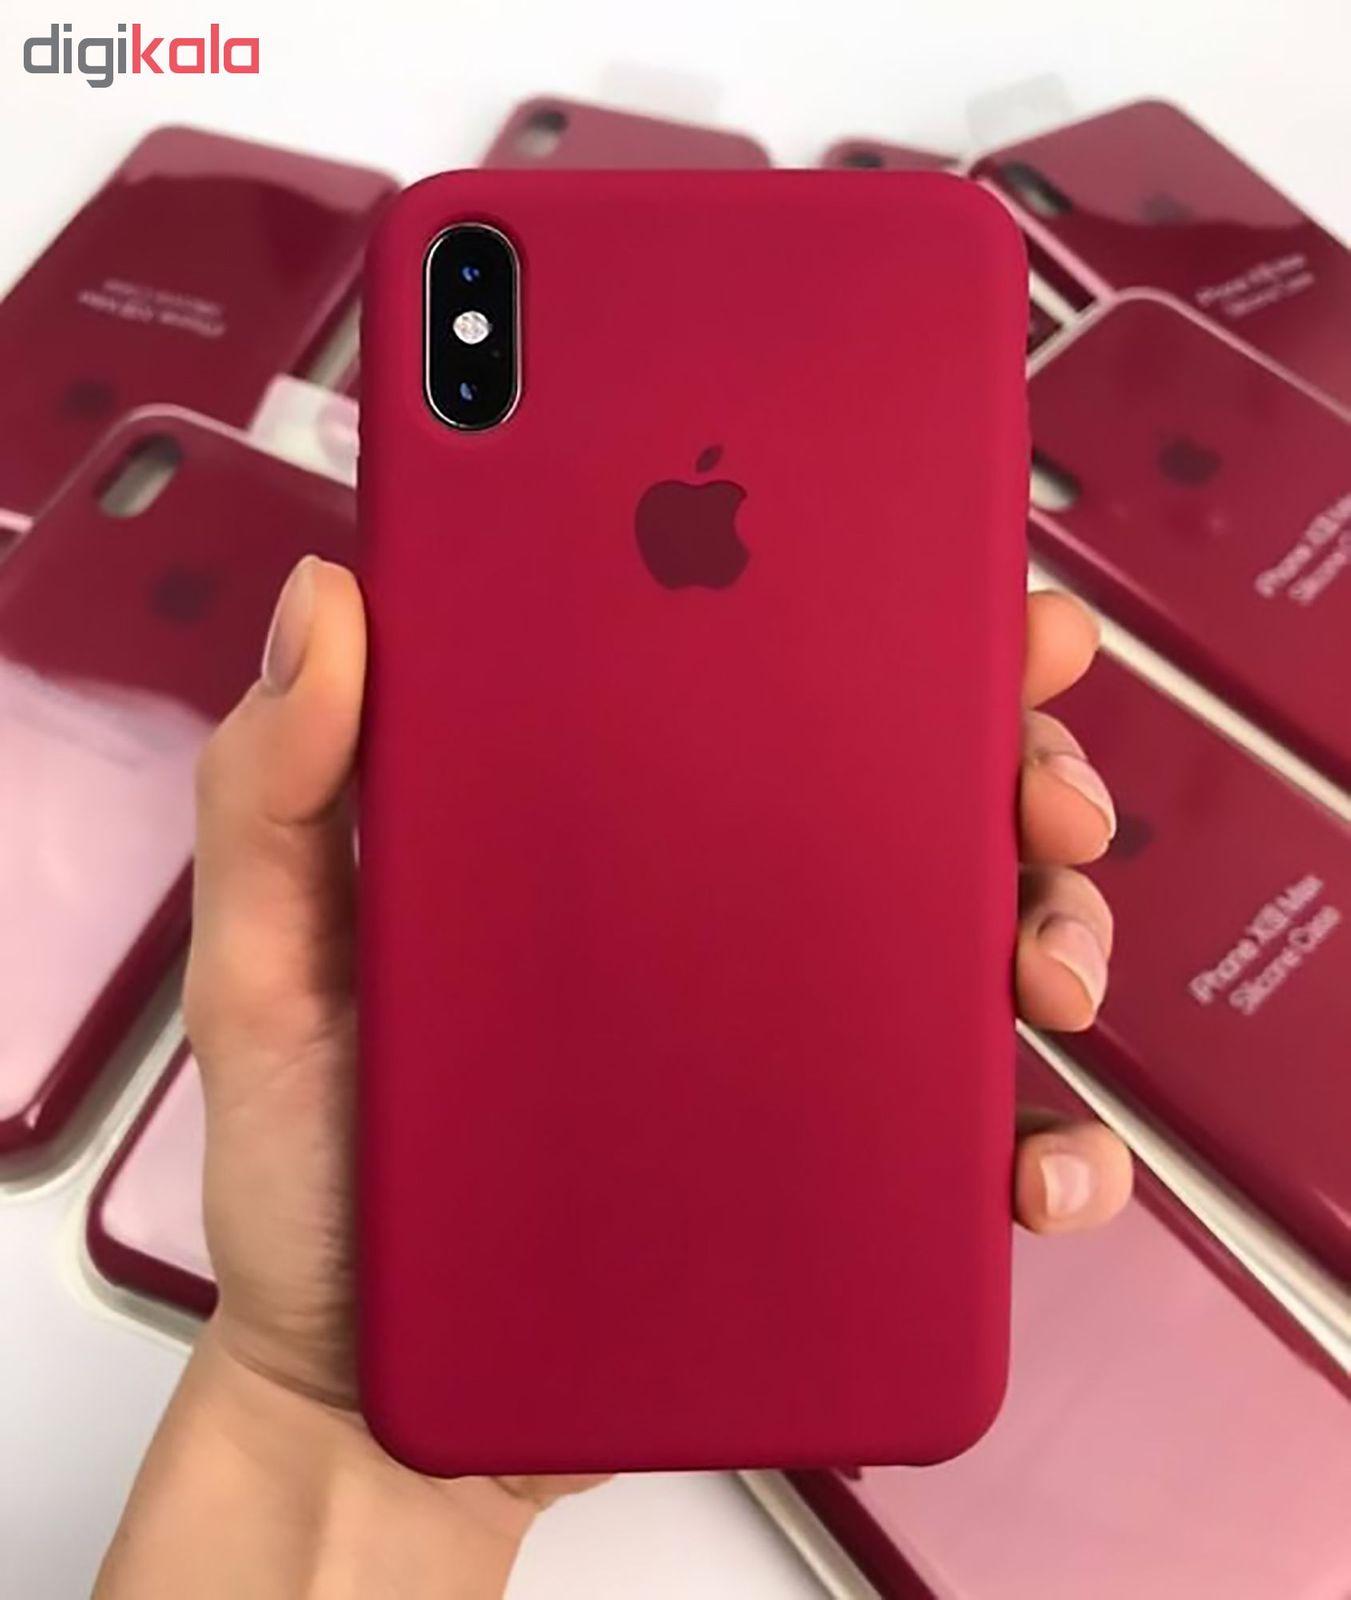 کاور  مدل Silc مناسب برای گوشی موبایل اپل Iphone Xs max main 1 16